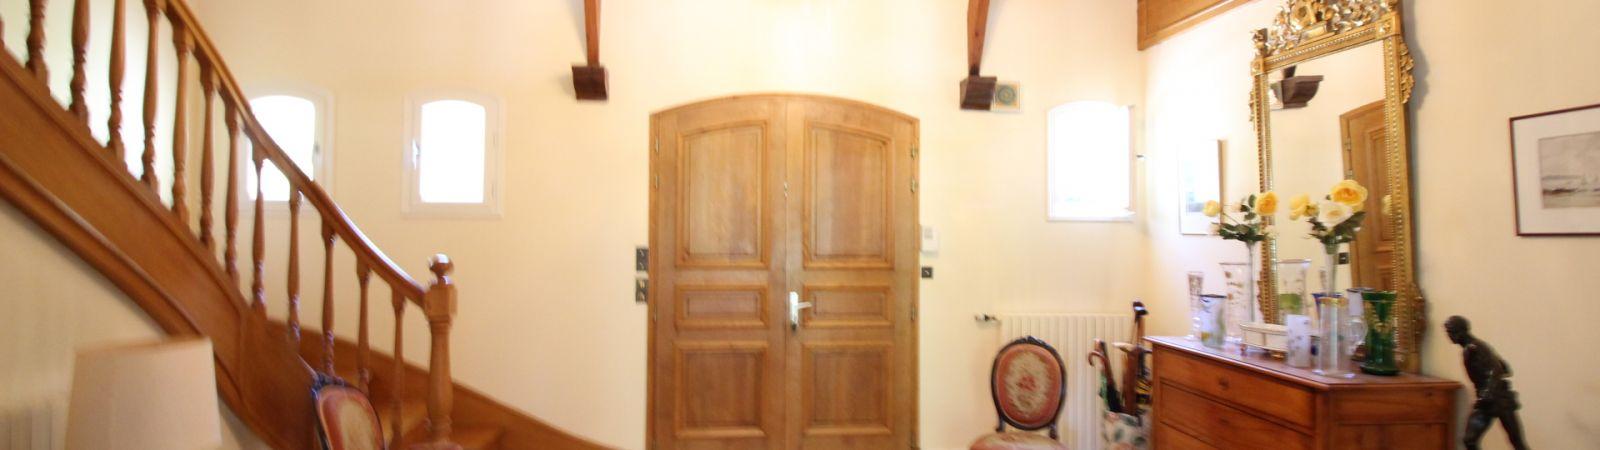 photo 4: Maison située dans un secteur calme et recherché de Vannes